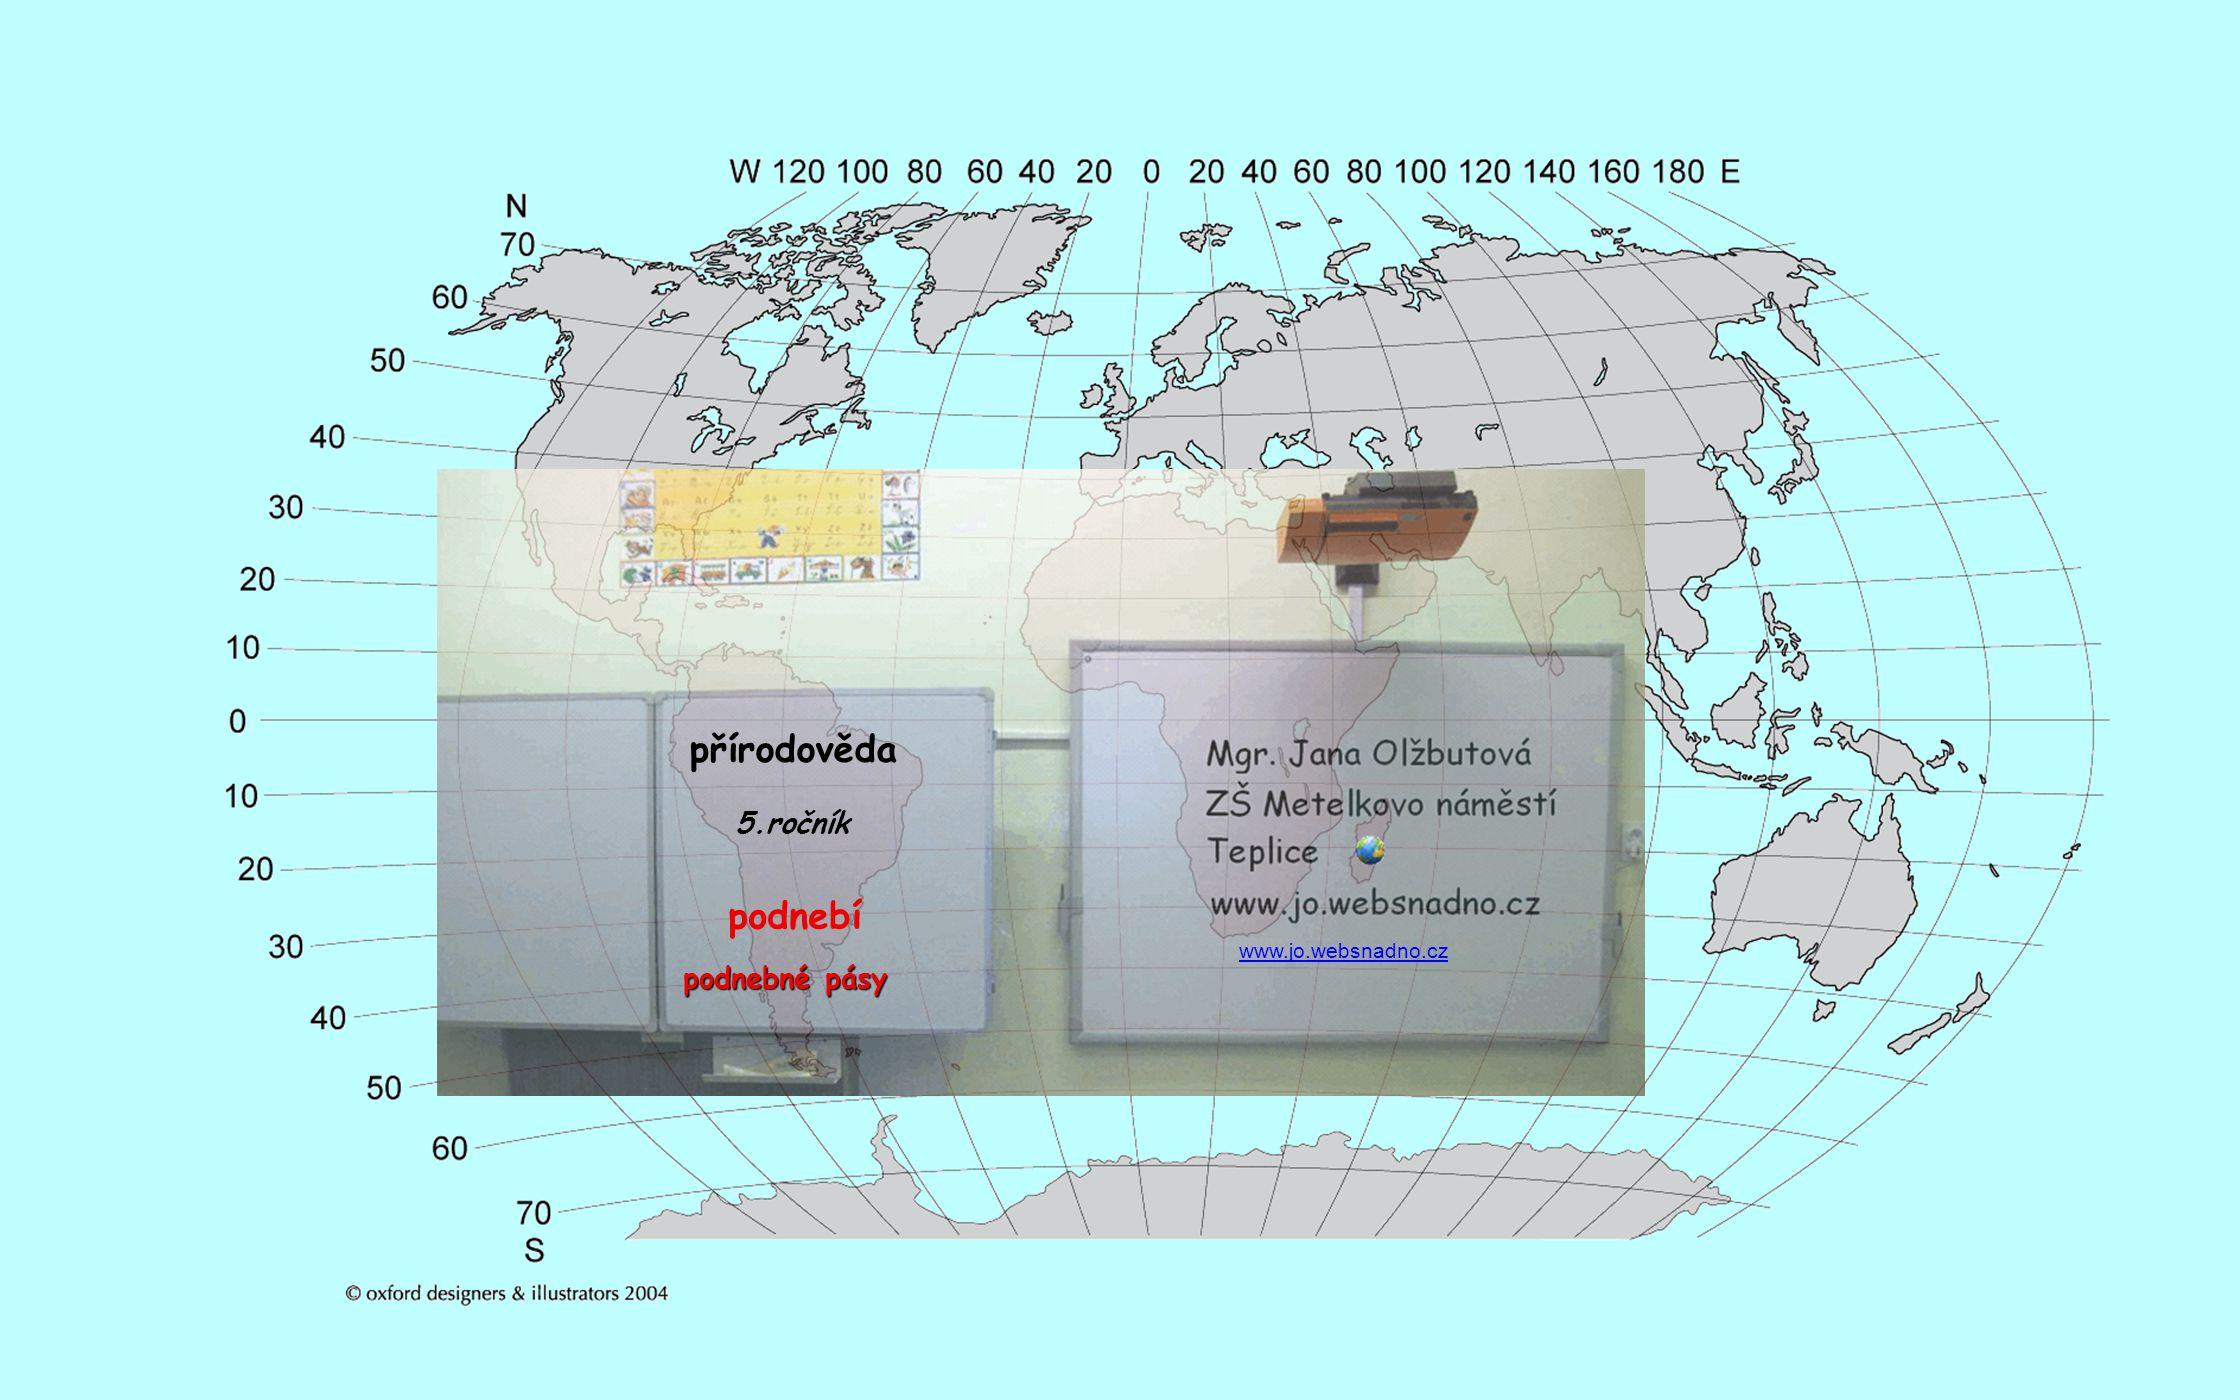 přírodověda 5.ročník podnebí www.jo.websnadno.cz podnebné pásy